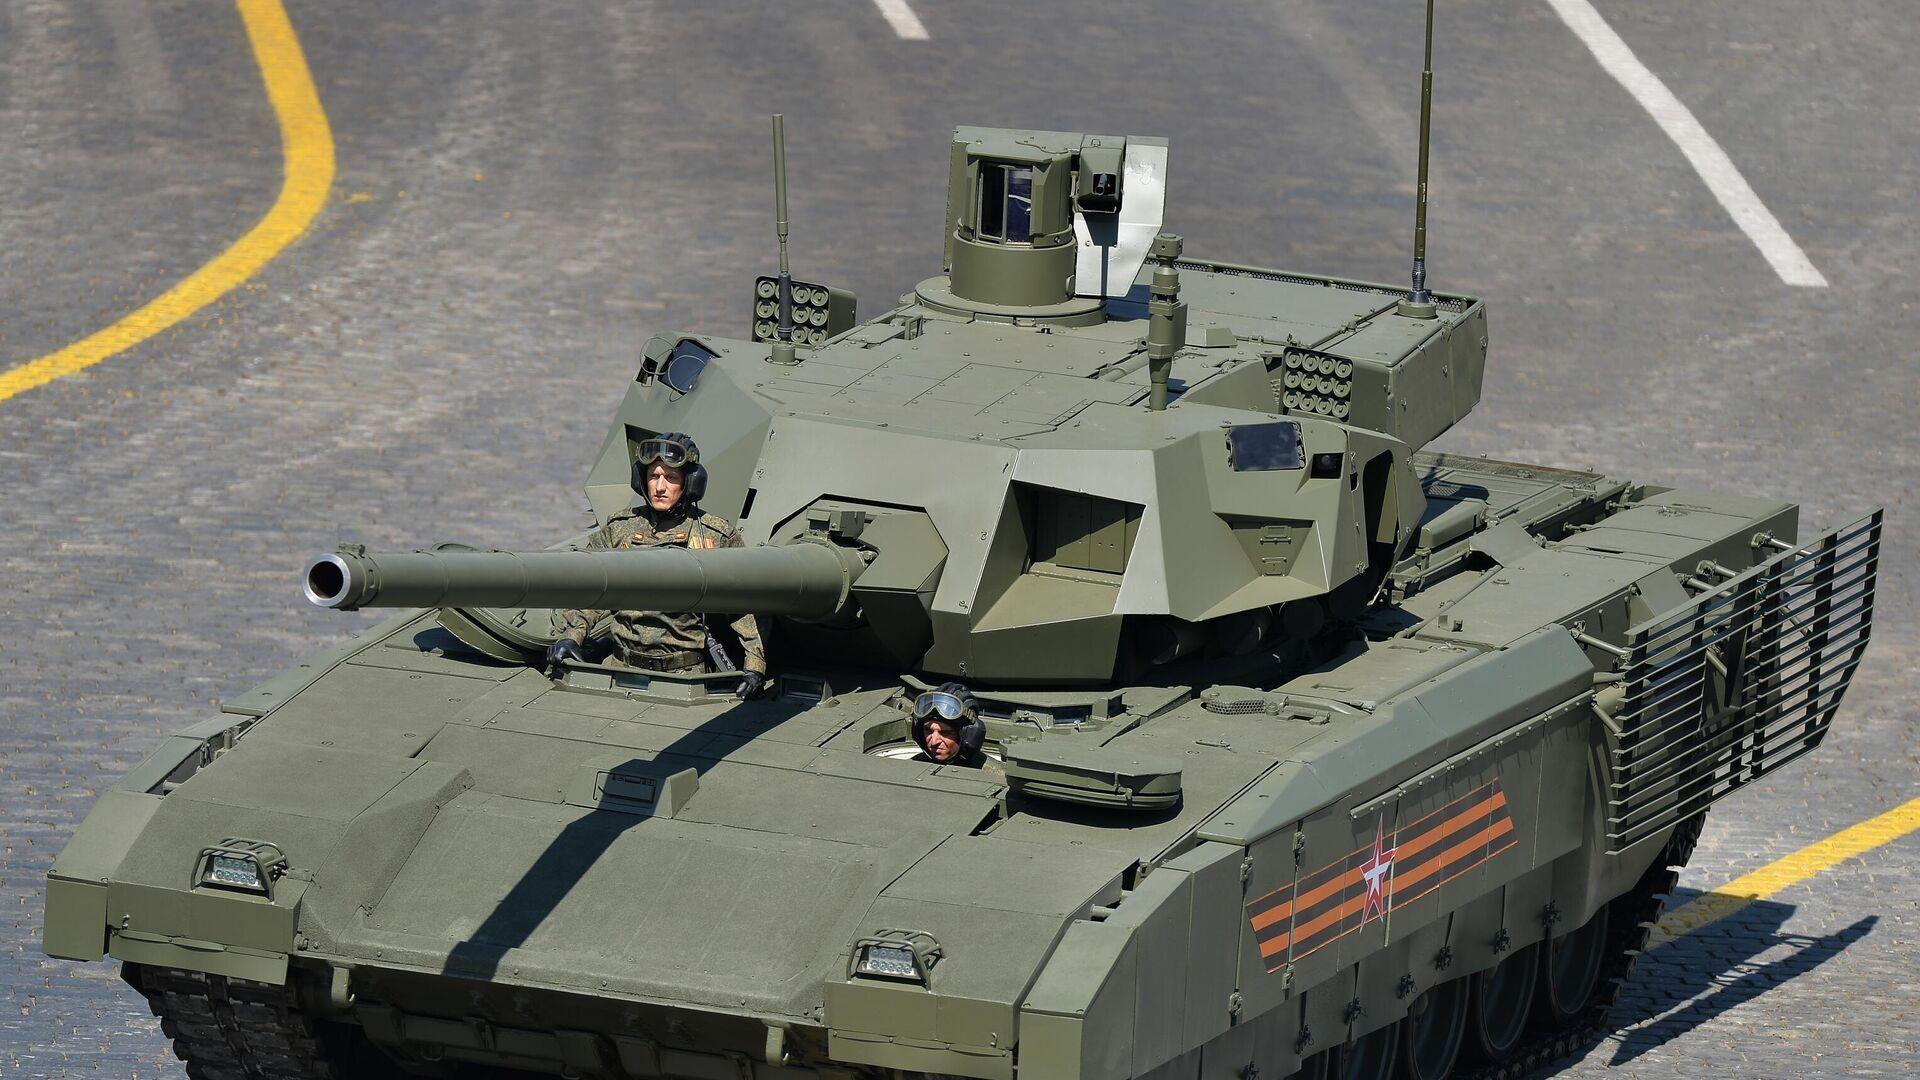 Der russische Panzer T-14 Armata - SNA, 1920, 12.09.2021